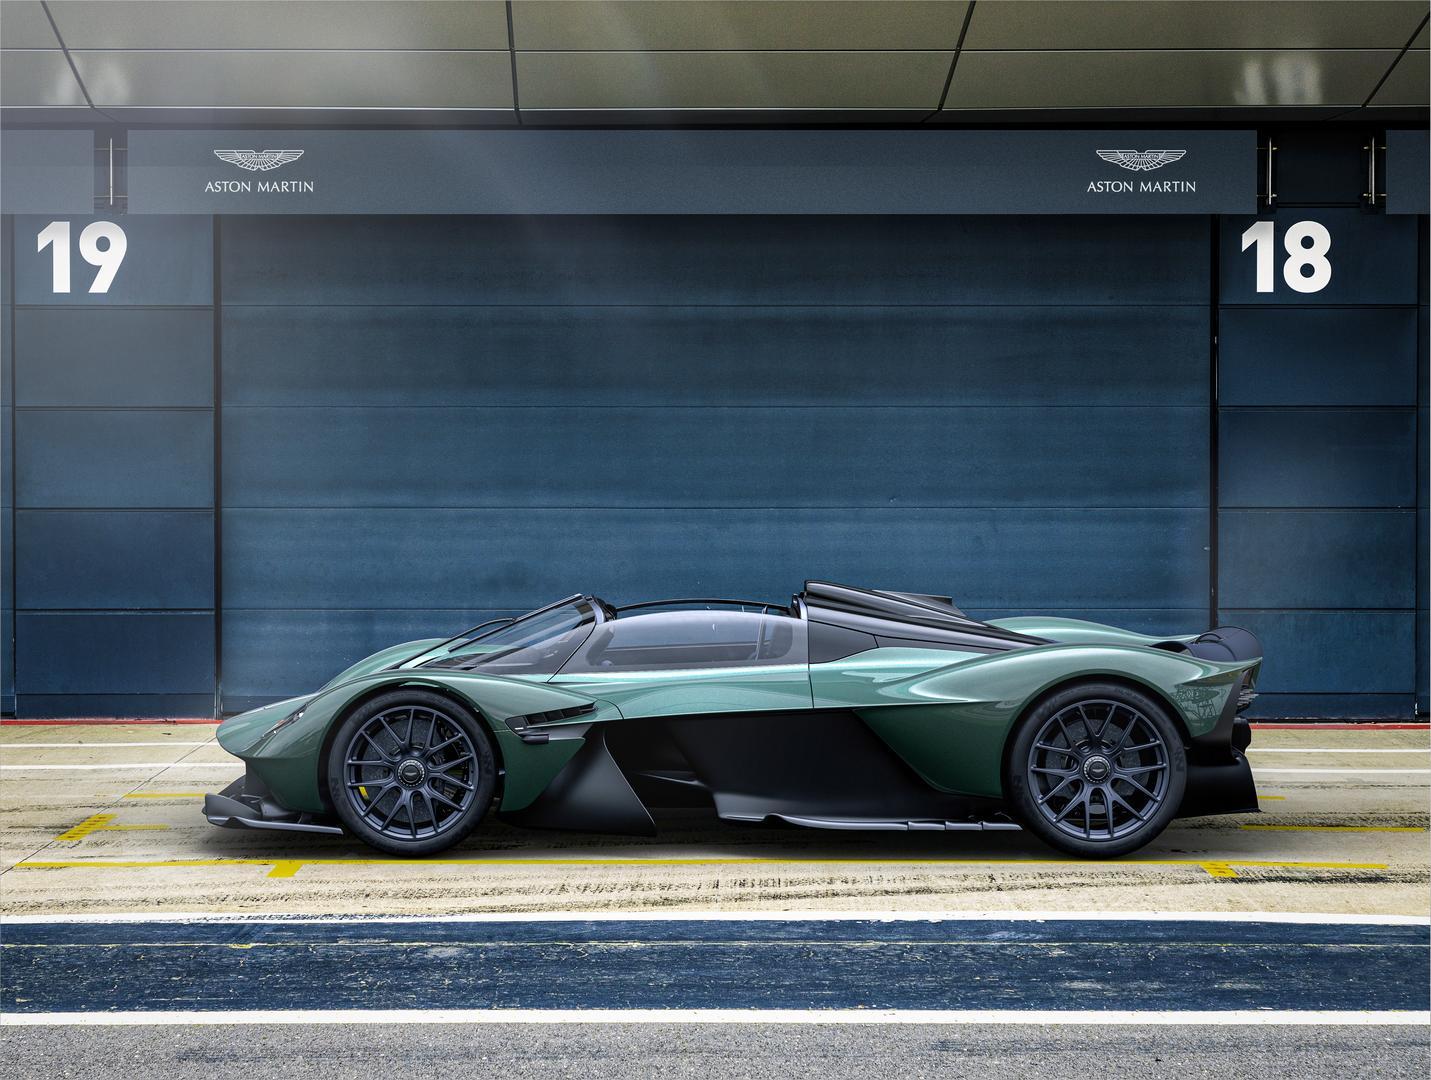 Aston Martin Valkyrie Spider side